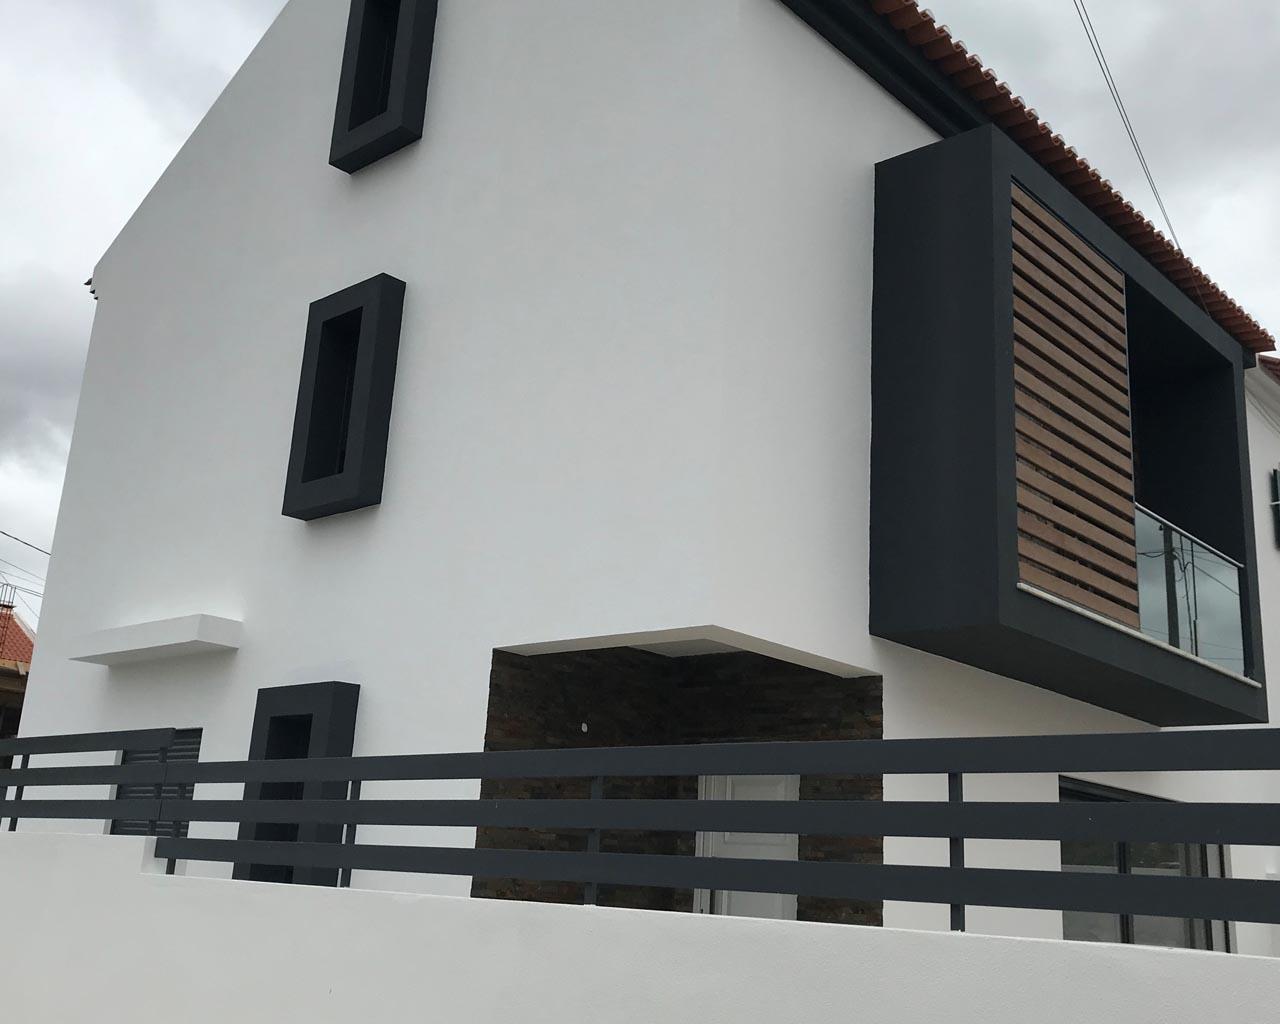 https://www.araujo-arquitectura.pt/wp-content/uploads/2020/12/IMG_7761.jpg